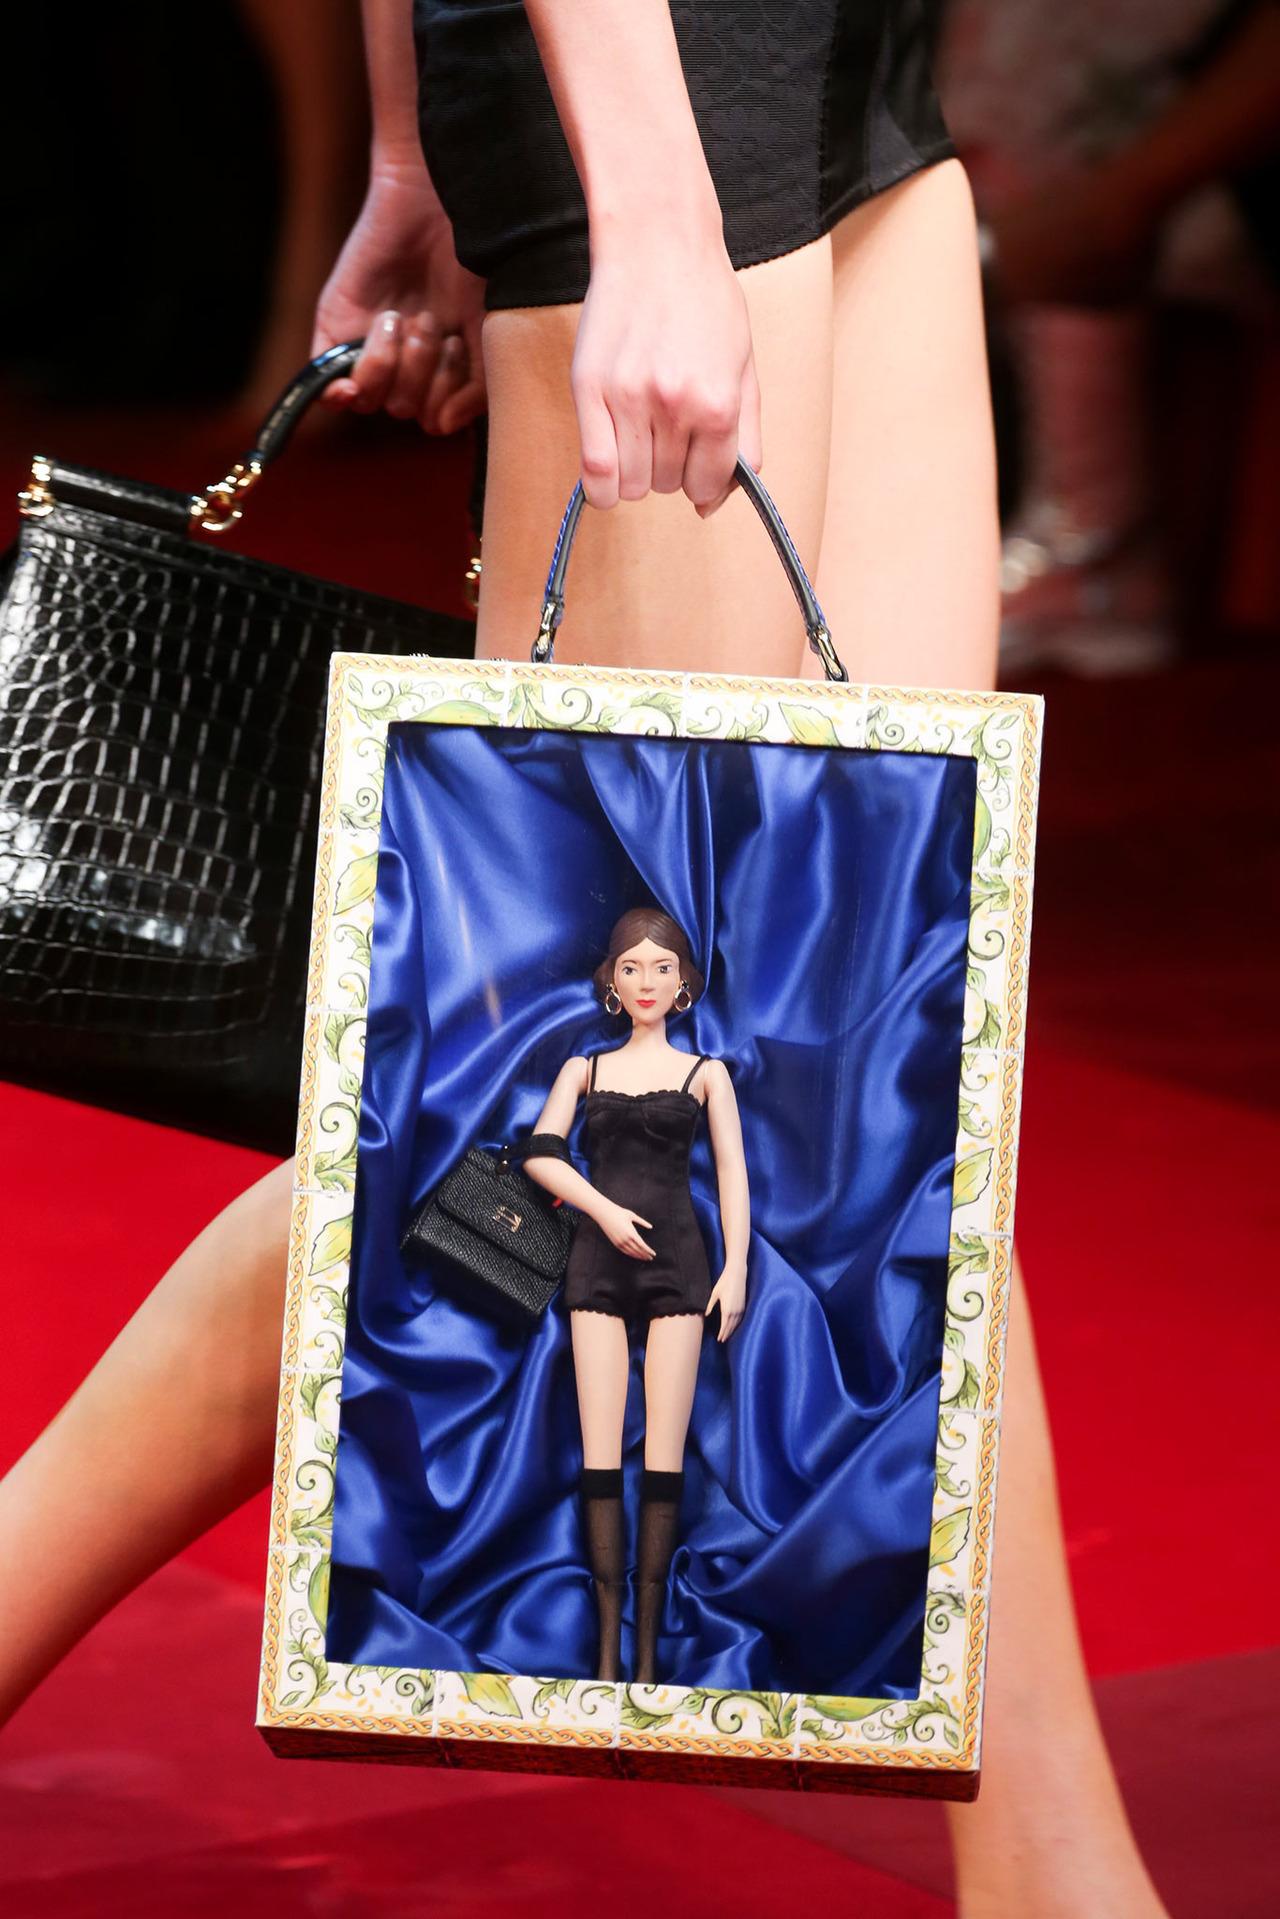 DAILY LOVE, LA PASSIONE DEL GIORNO: Dolce & Gabbana doll bag